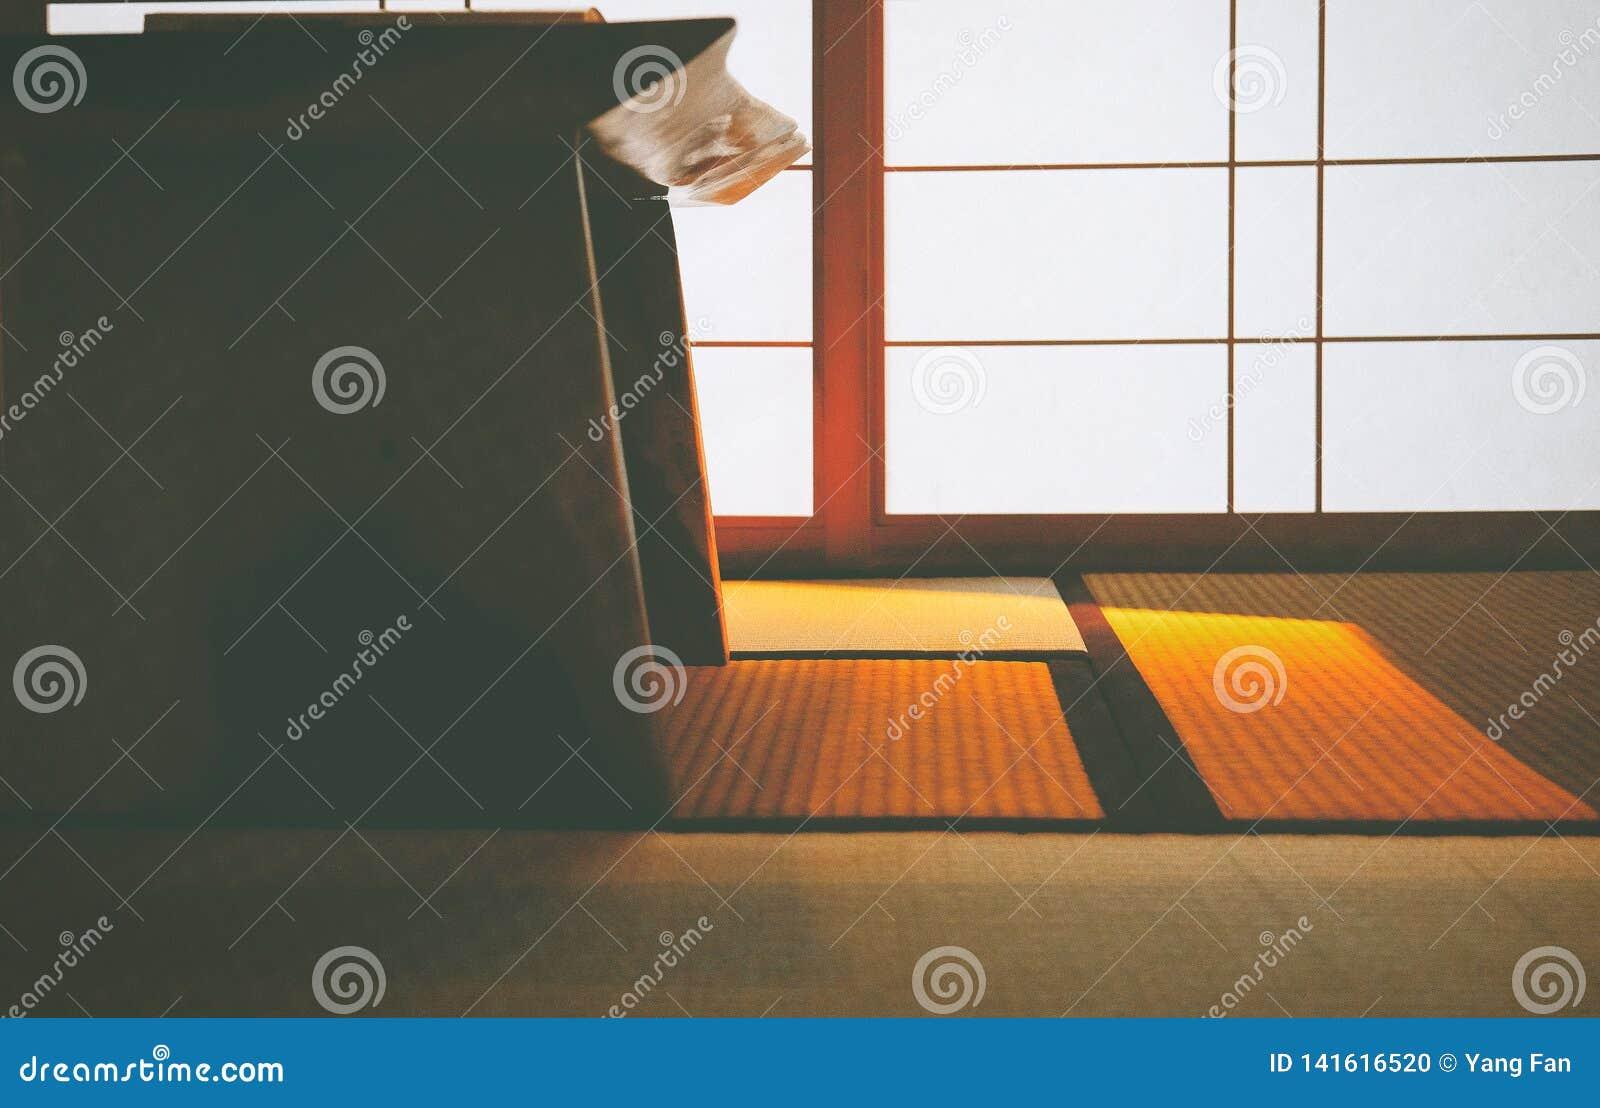 Le Soleil Chaud Brille Sur Un Tapis Japonais Photo Stock Image